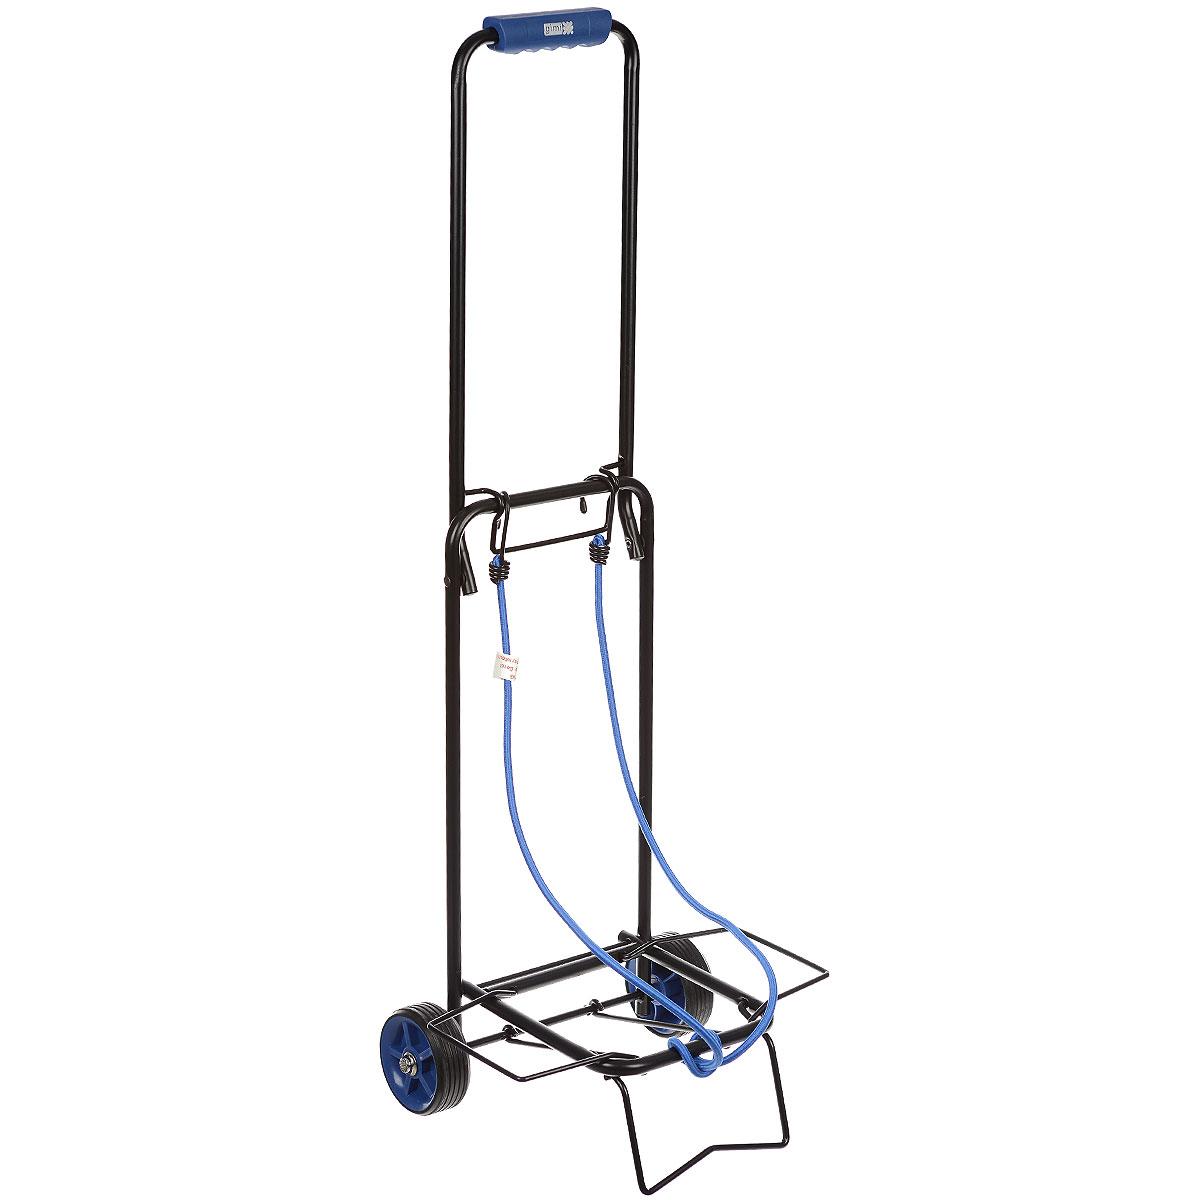 Тележка хозяйственная Atos, до 30 кг, цвет: синий15040400_синийХозяйственная тележка Atos, выполненная из окрашенной стали и пластика, пригодится каждой хозяйке! Тележка предназначена для перевозки различных грузов: чемоданов, коробок. Тележка имеет эластичные ремни для крепления груза. Компактно собирается и не занимает много места. Размер в собранном виде: 31 см x 28 см x 86 см. Максимальная нагрузка: 30 кг.